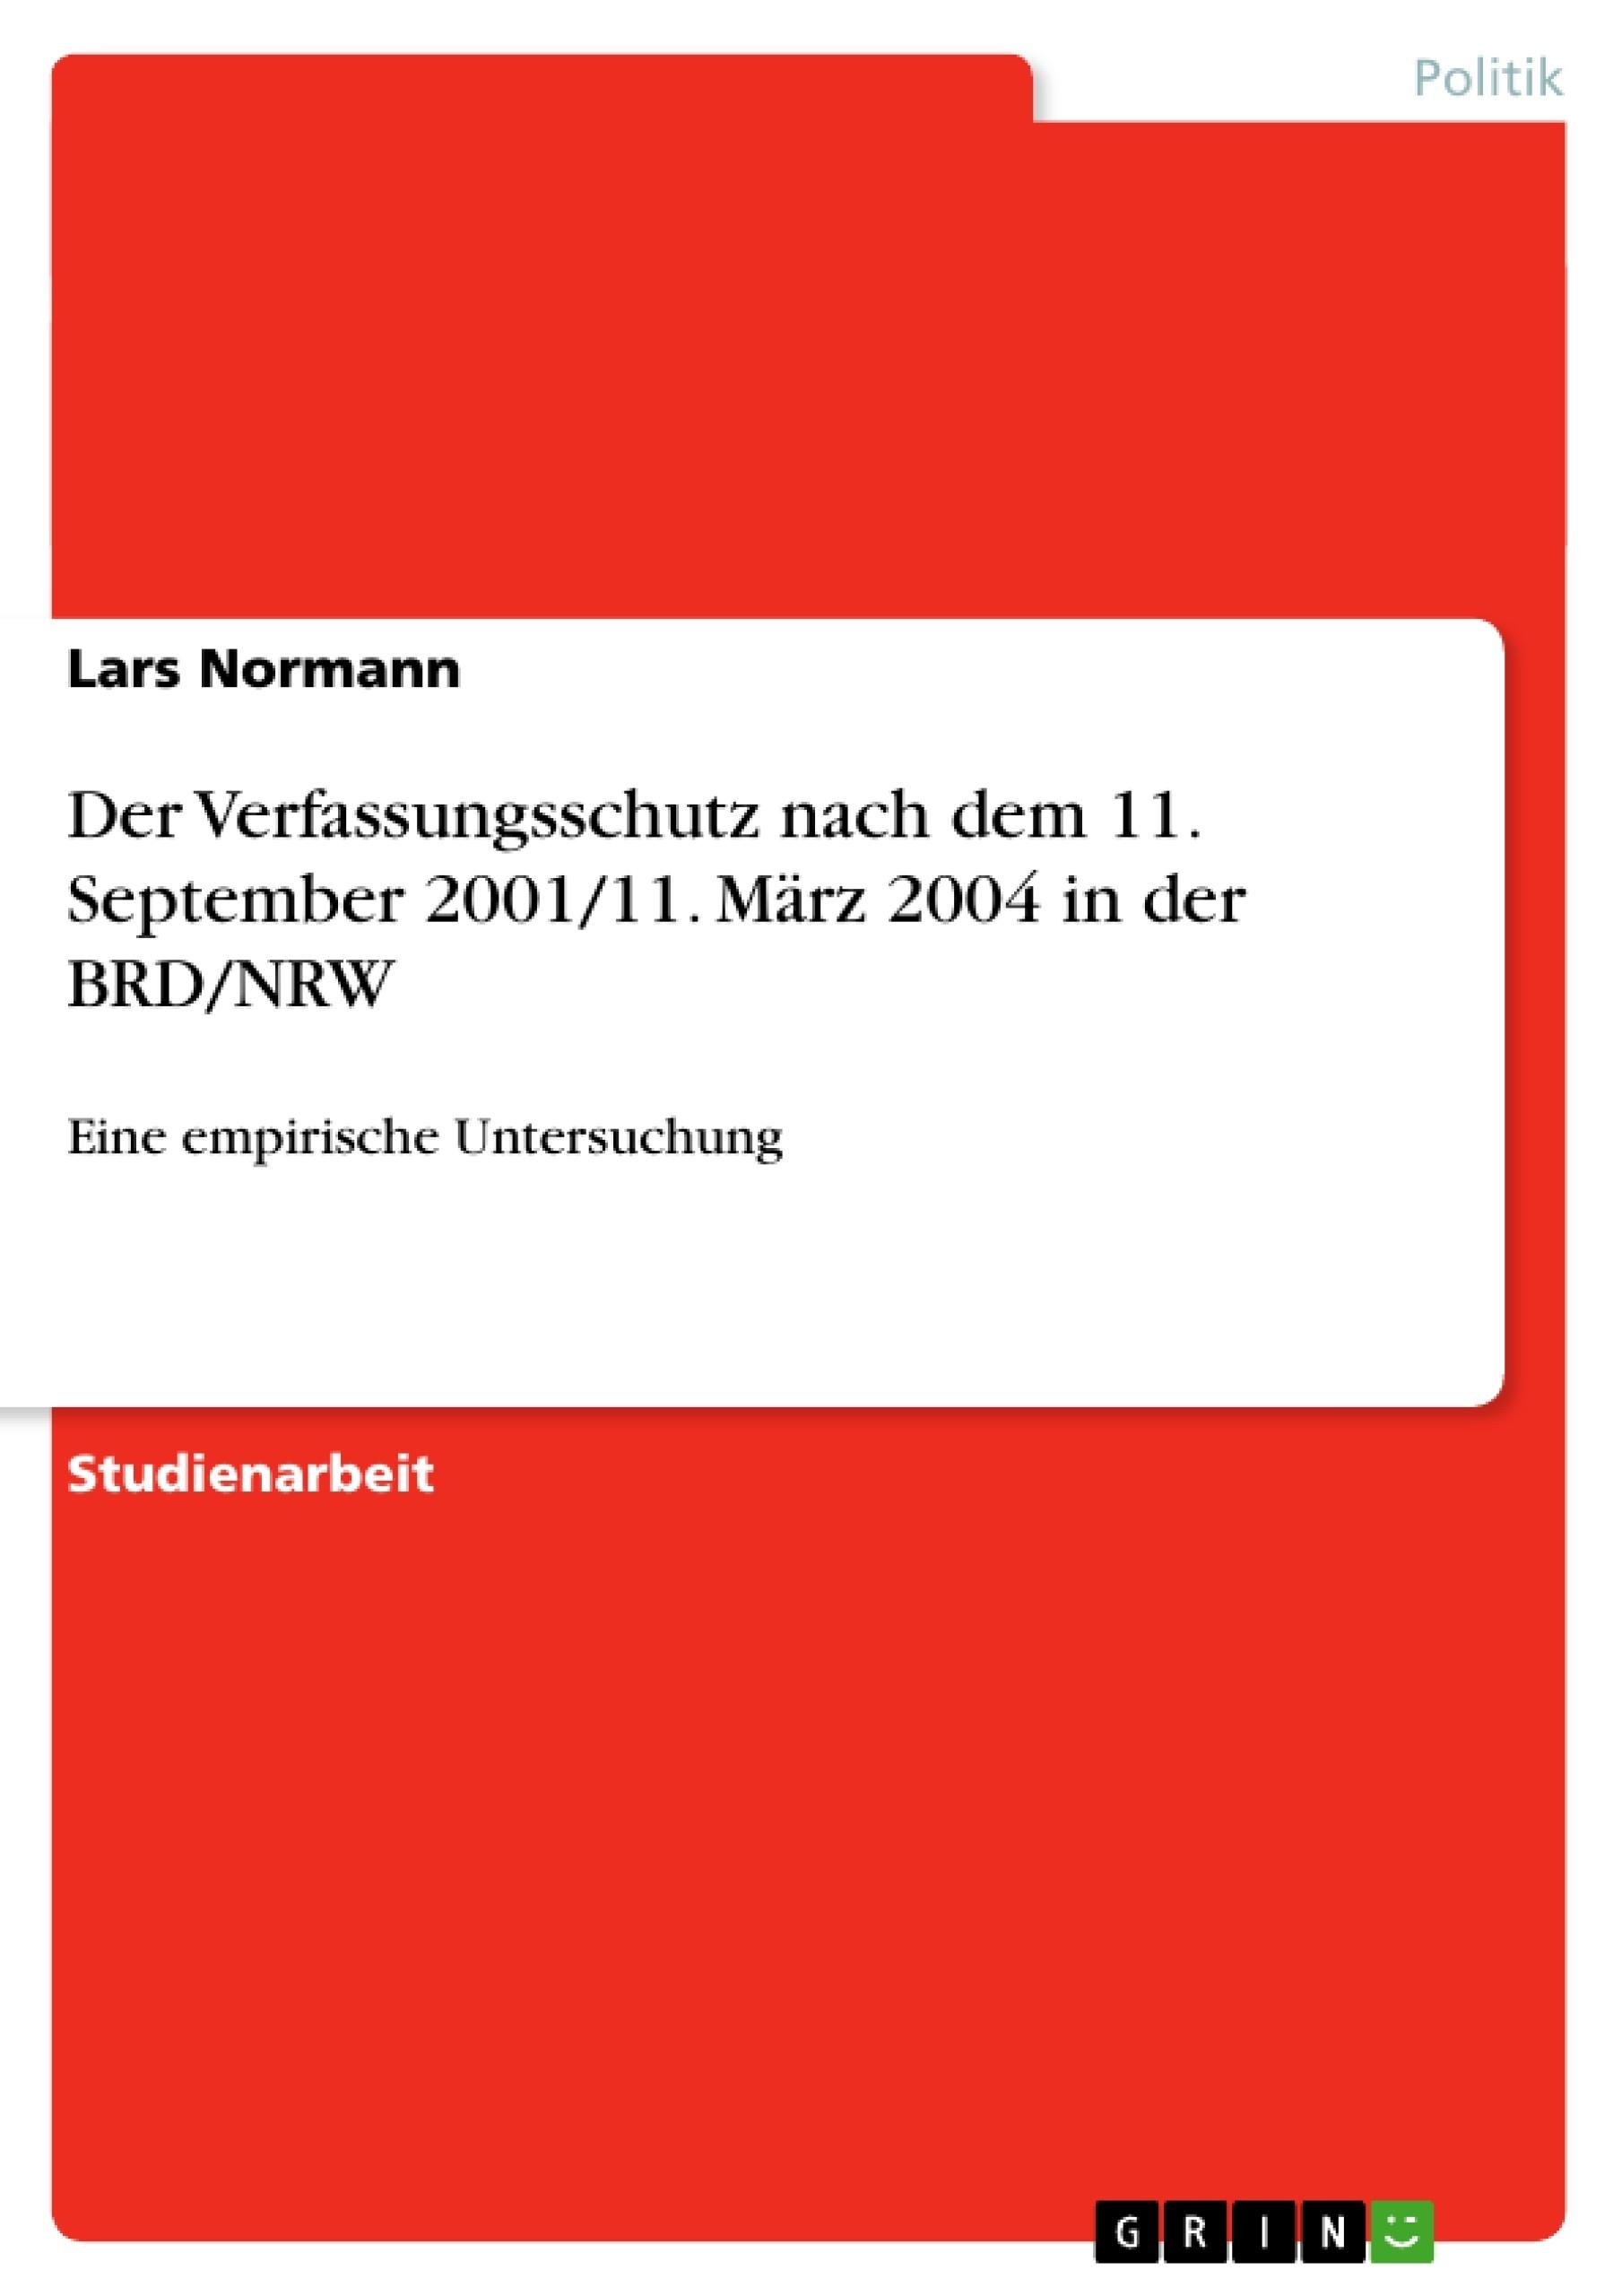 Titel: Der Verfassungsschutz nach dem 11. September 2001/11. März 2004 in der BRD/NRW